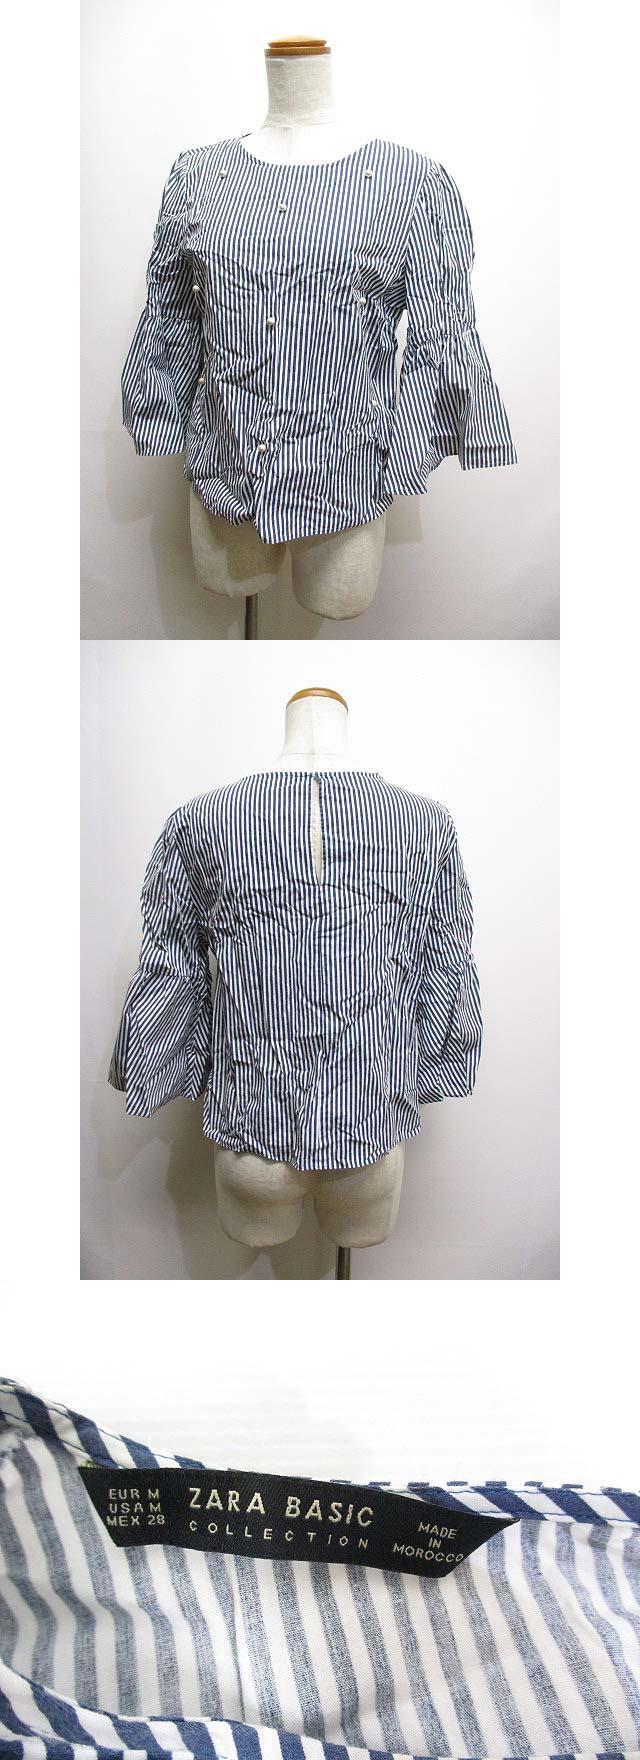 ストライプ柄 フレア袖 コットン プルオーバー パールビーズ装飾 M 白xブルー 七分袖 ブラウス